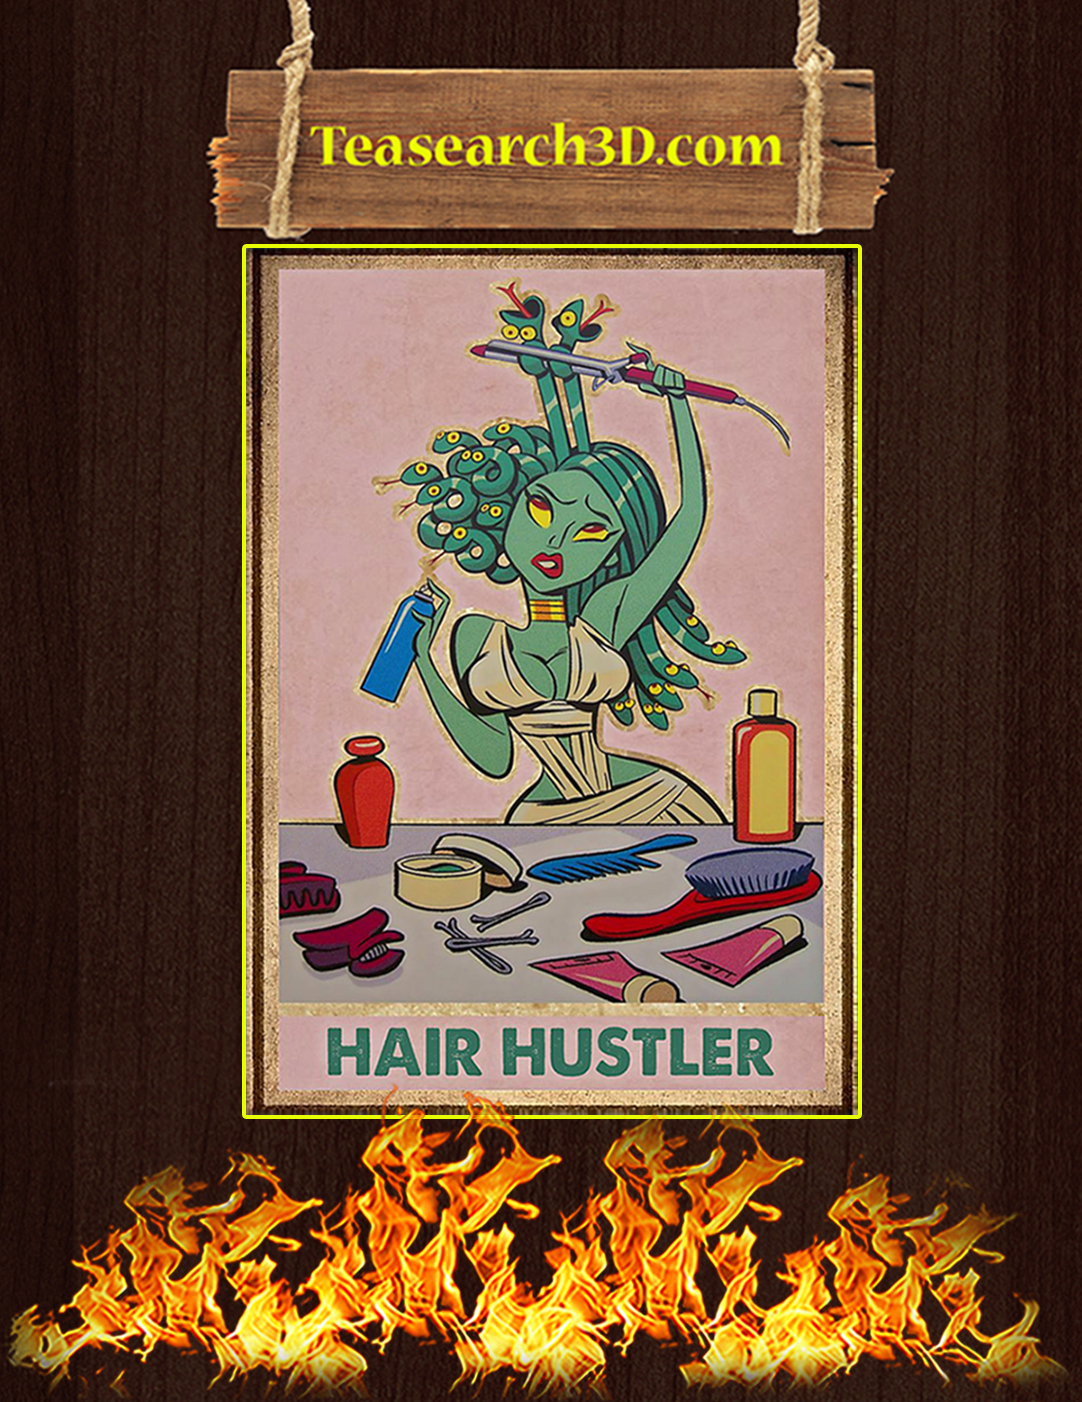 Hair hustler poster A2